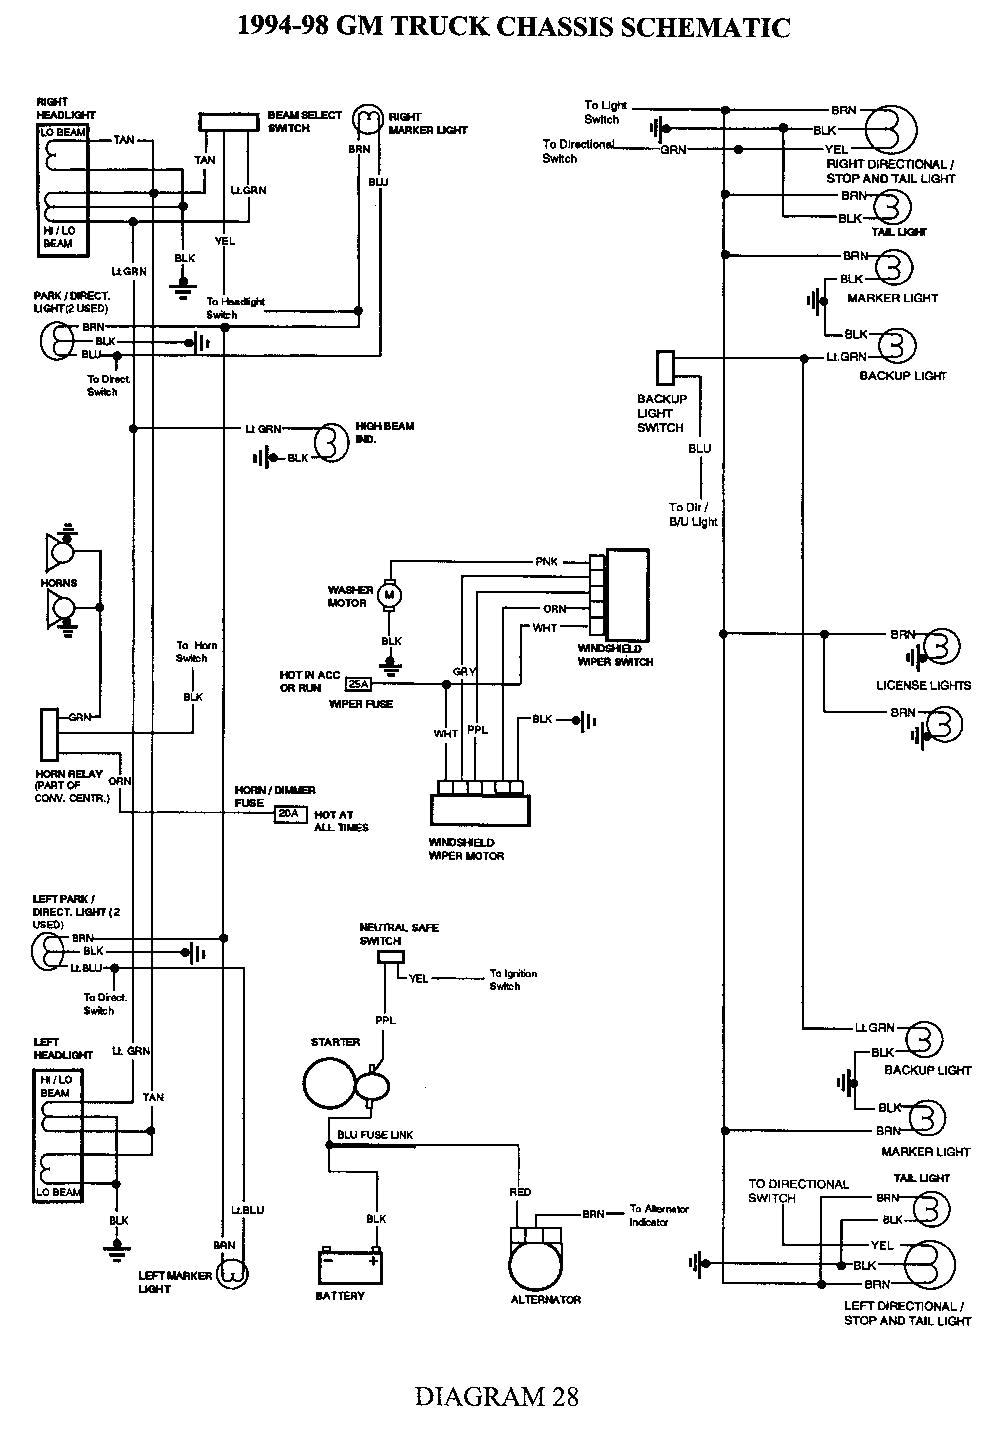 2005 silverado trailer wiring diagram